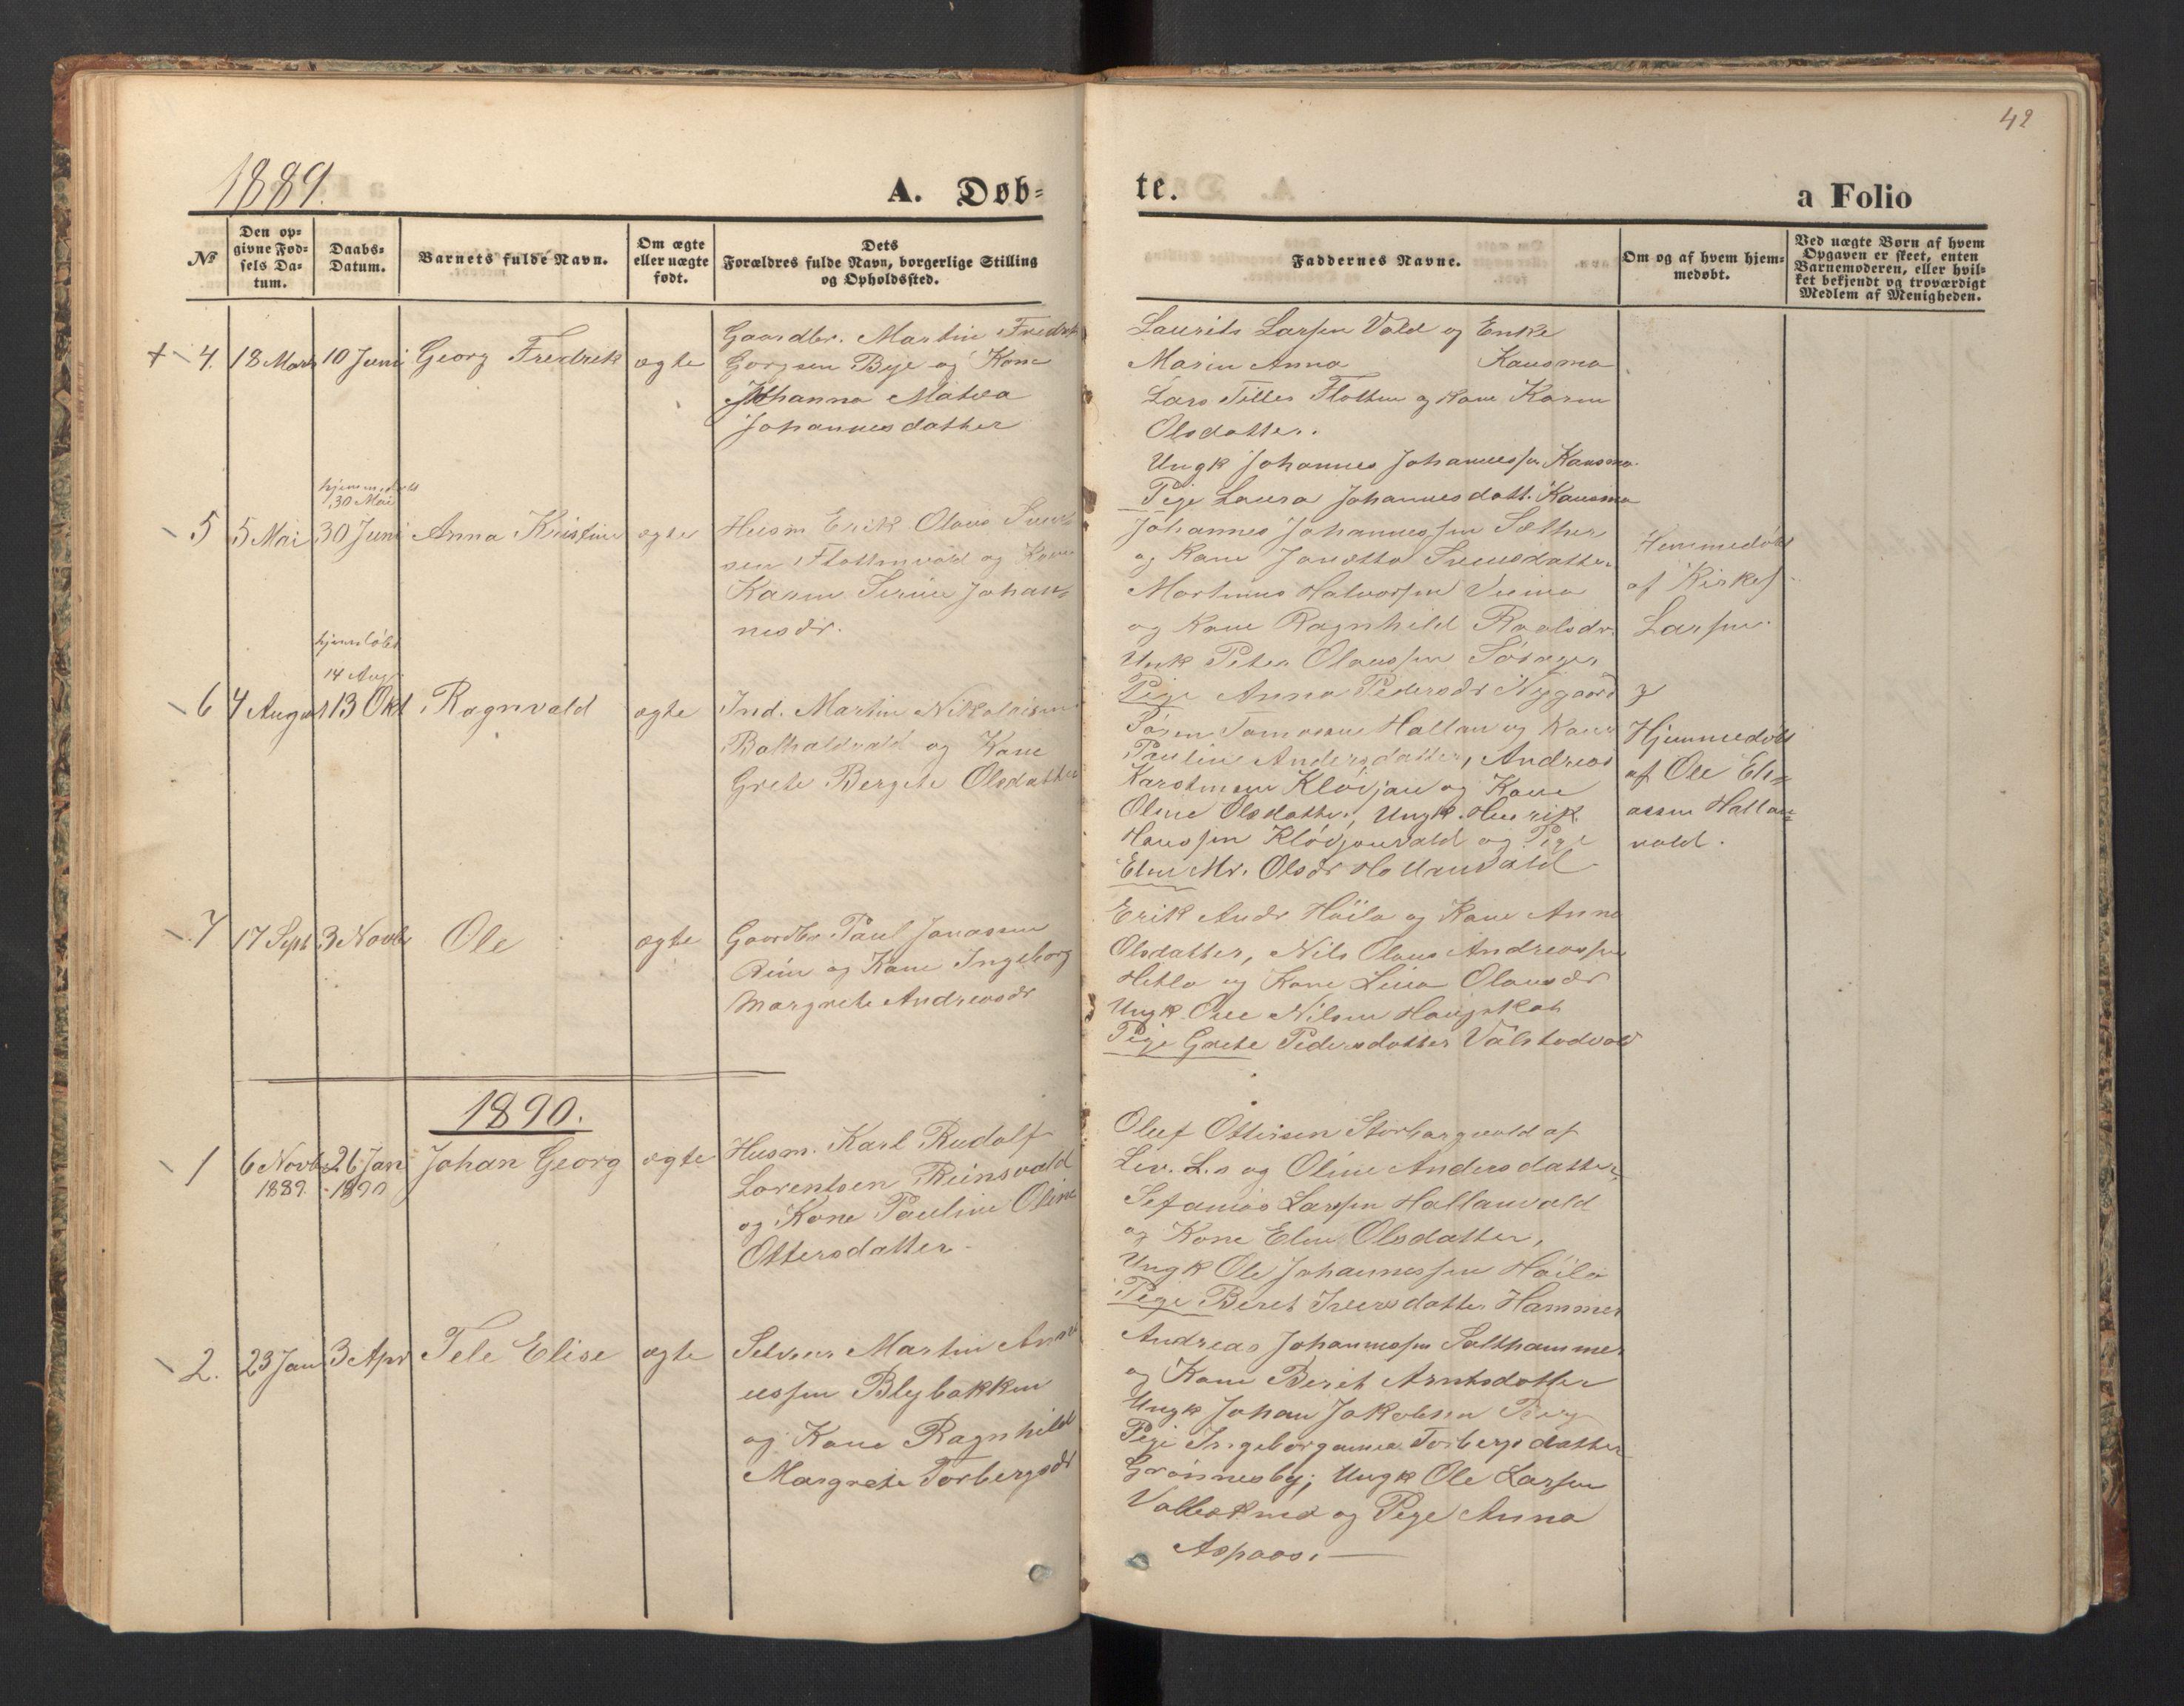 SAT, Ministerialprotokoller, klokkerbøker og fødselsregistre - Nord-Trøndelag, 726/L0271: Klokkerbok nr. 726C02, 1869-1897, s. 42